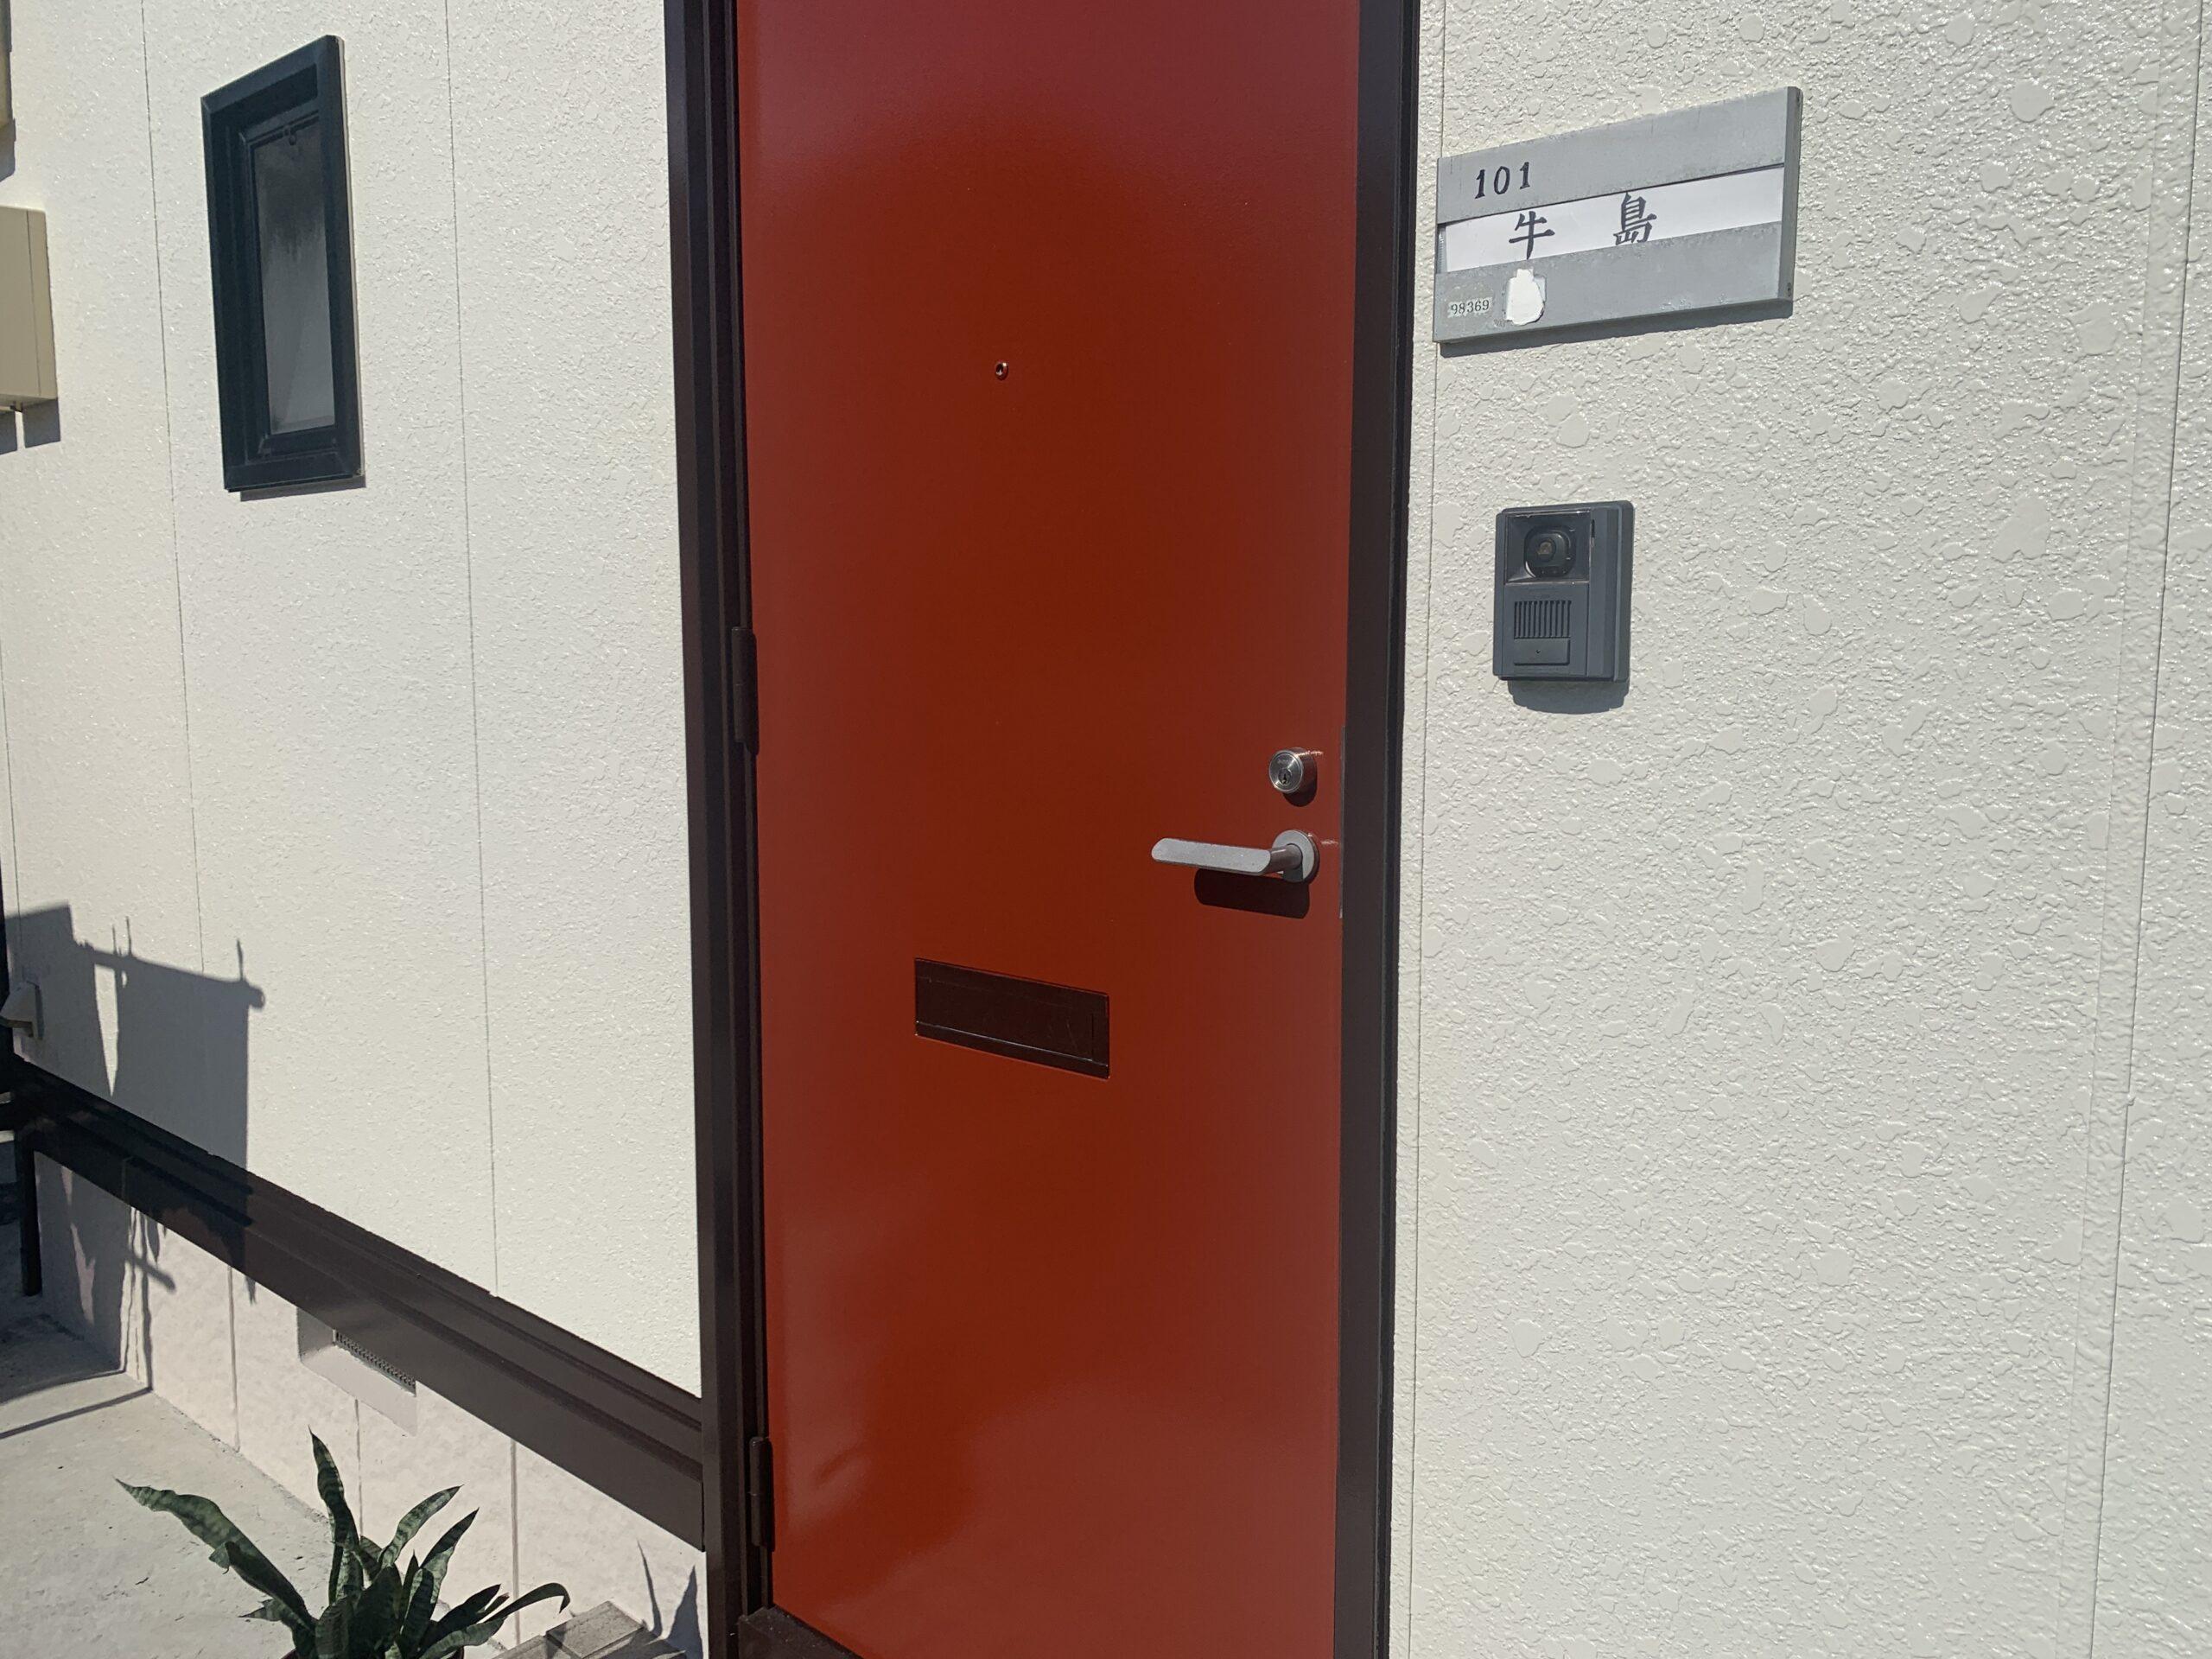 佐賀市 外壁塗装 塗るばい サニー建設商事 さにけん サニケン